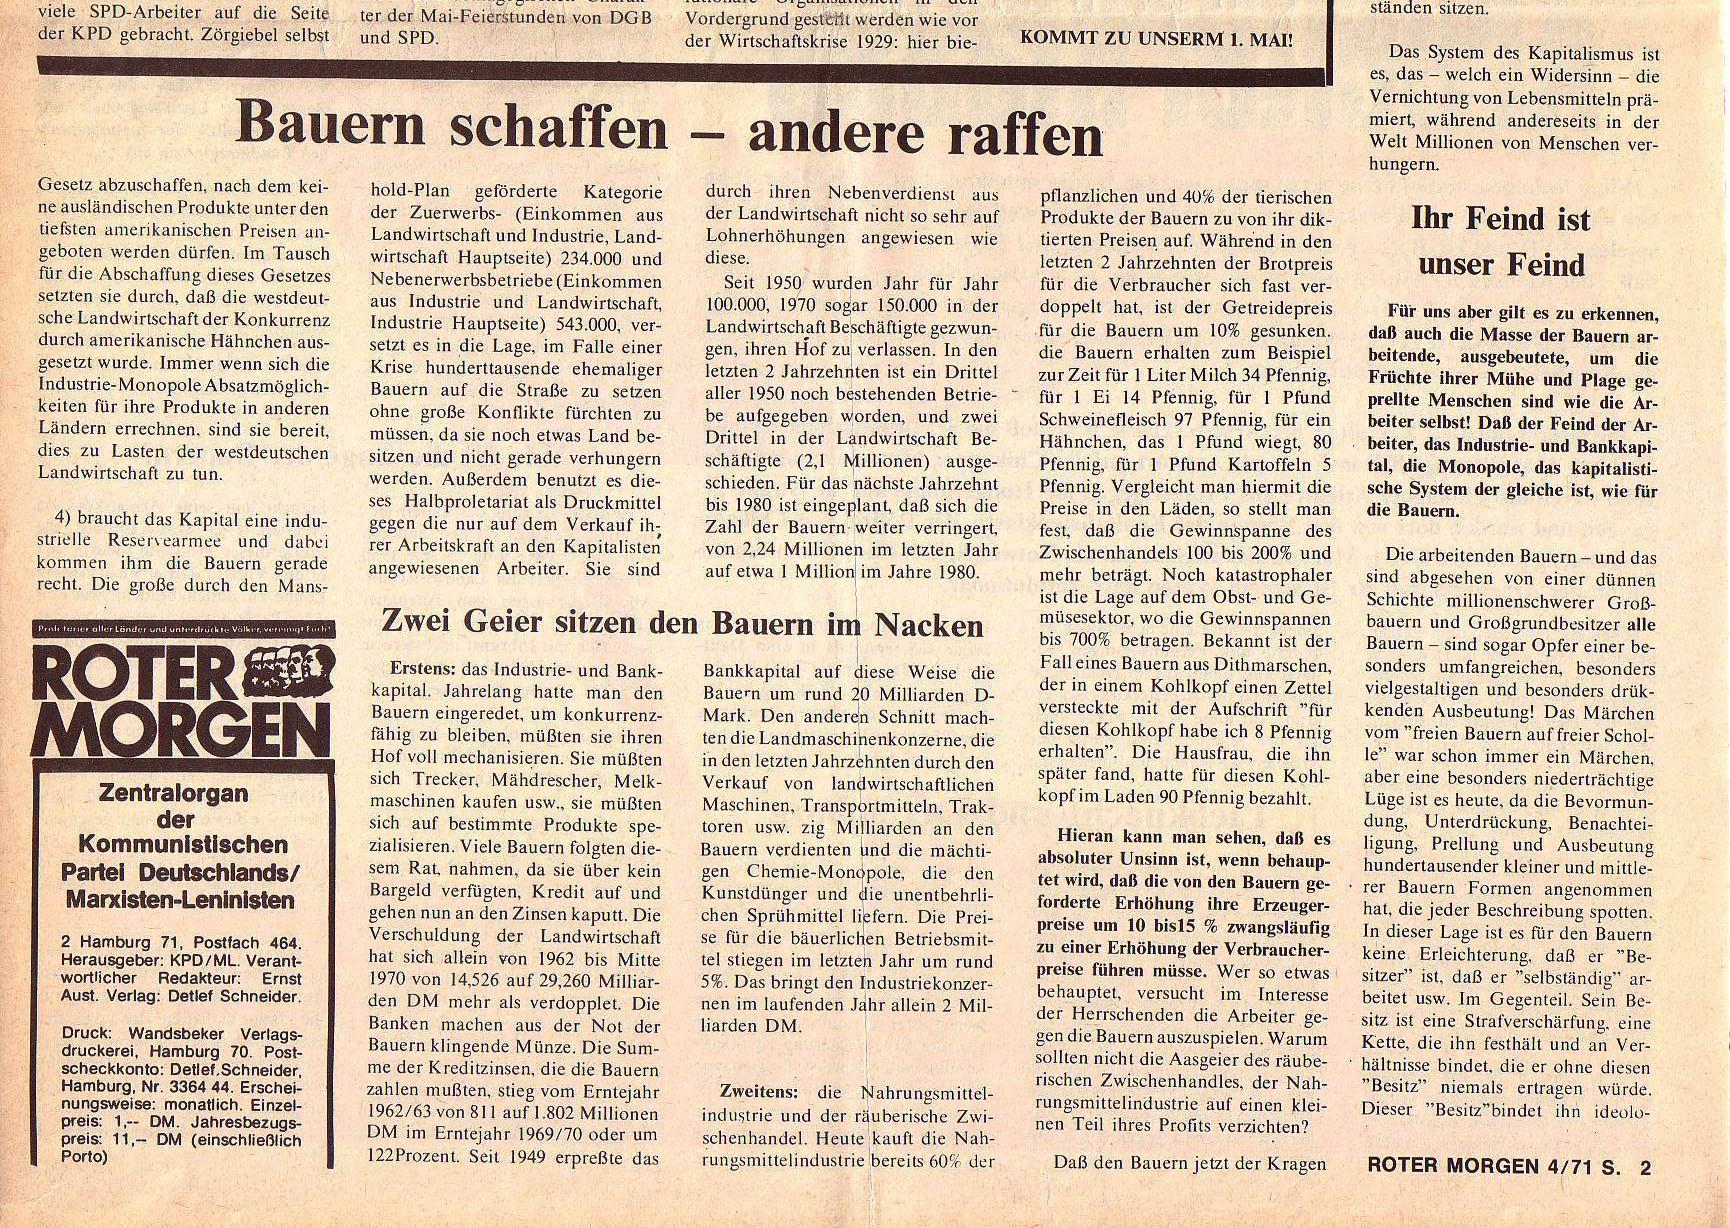 Roter Morgen, 5. Jg., April 1971, Nr. 4, Seite 2b